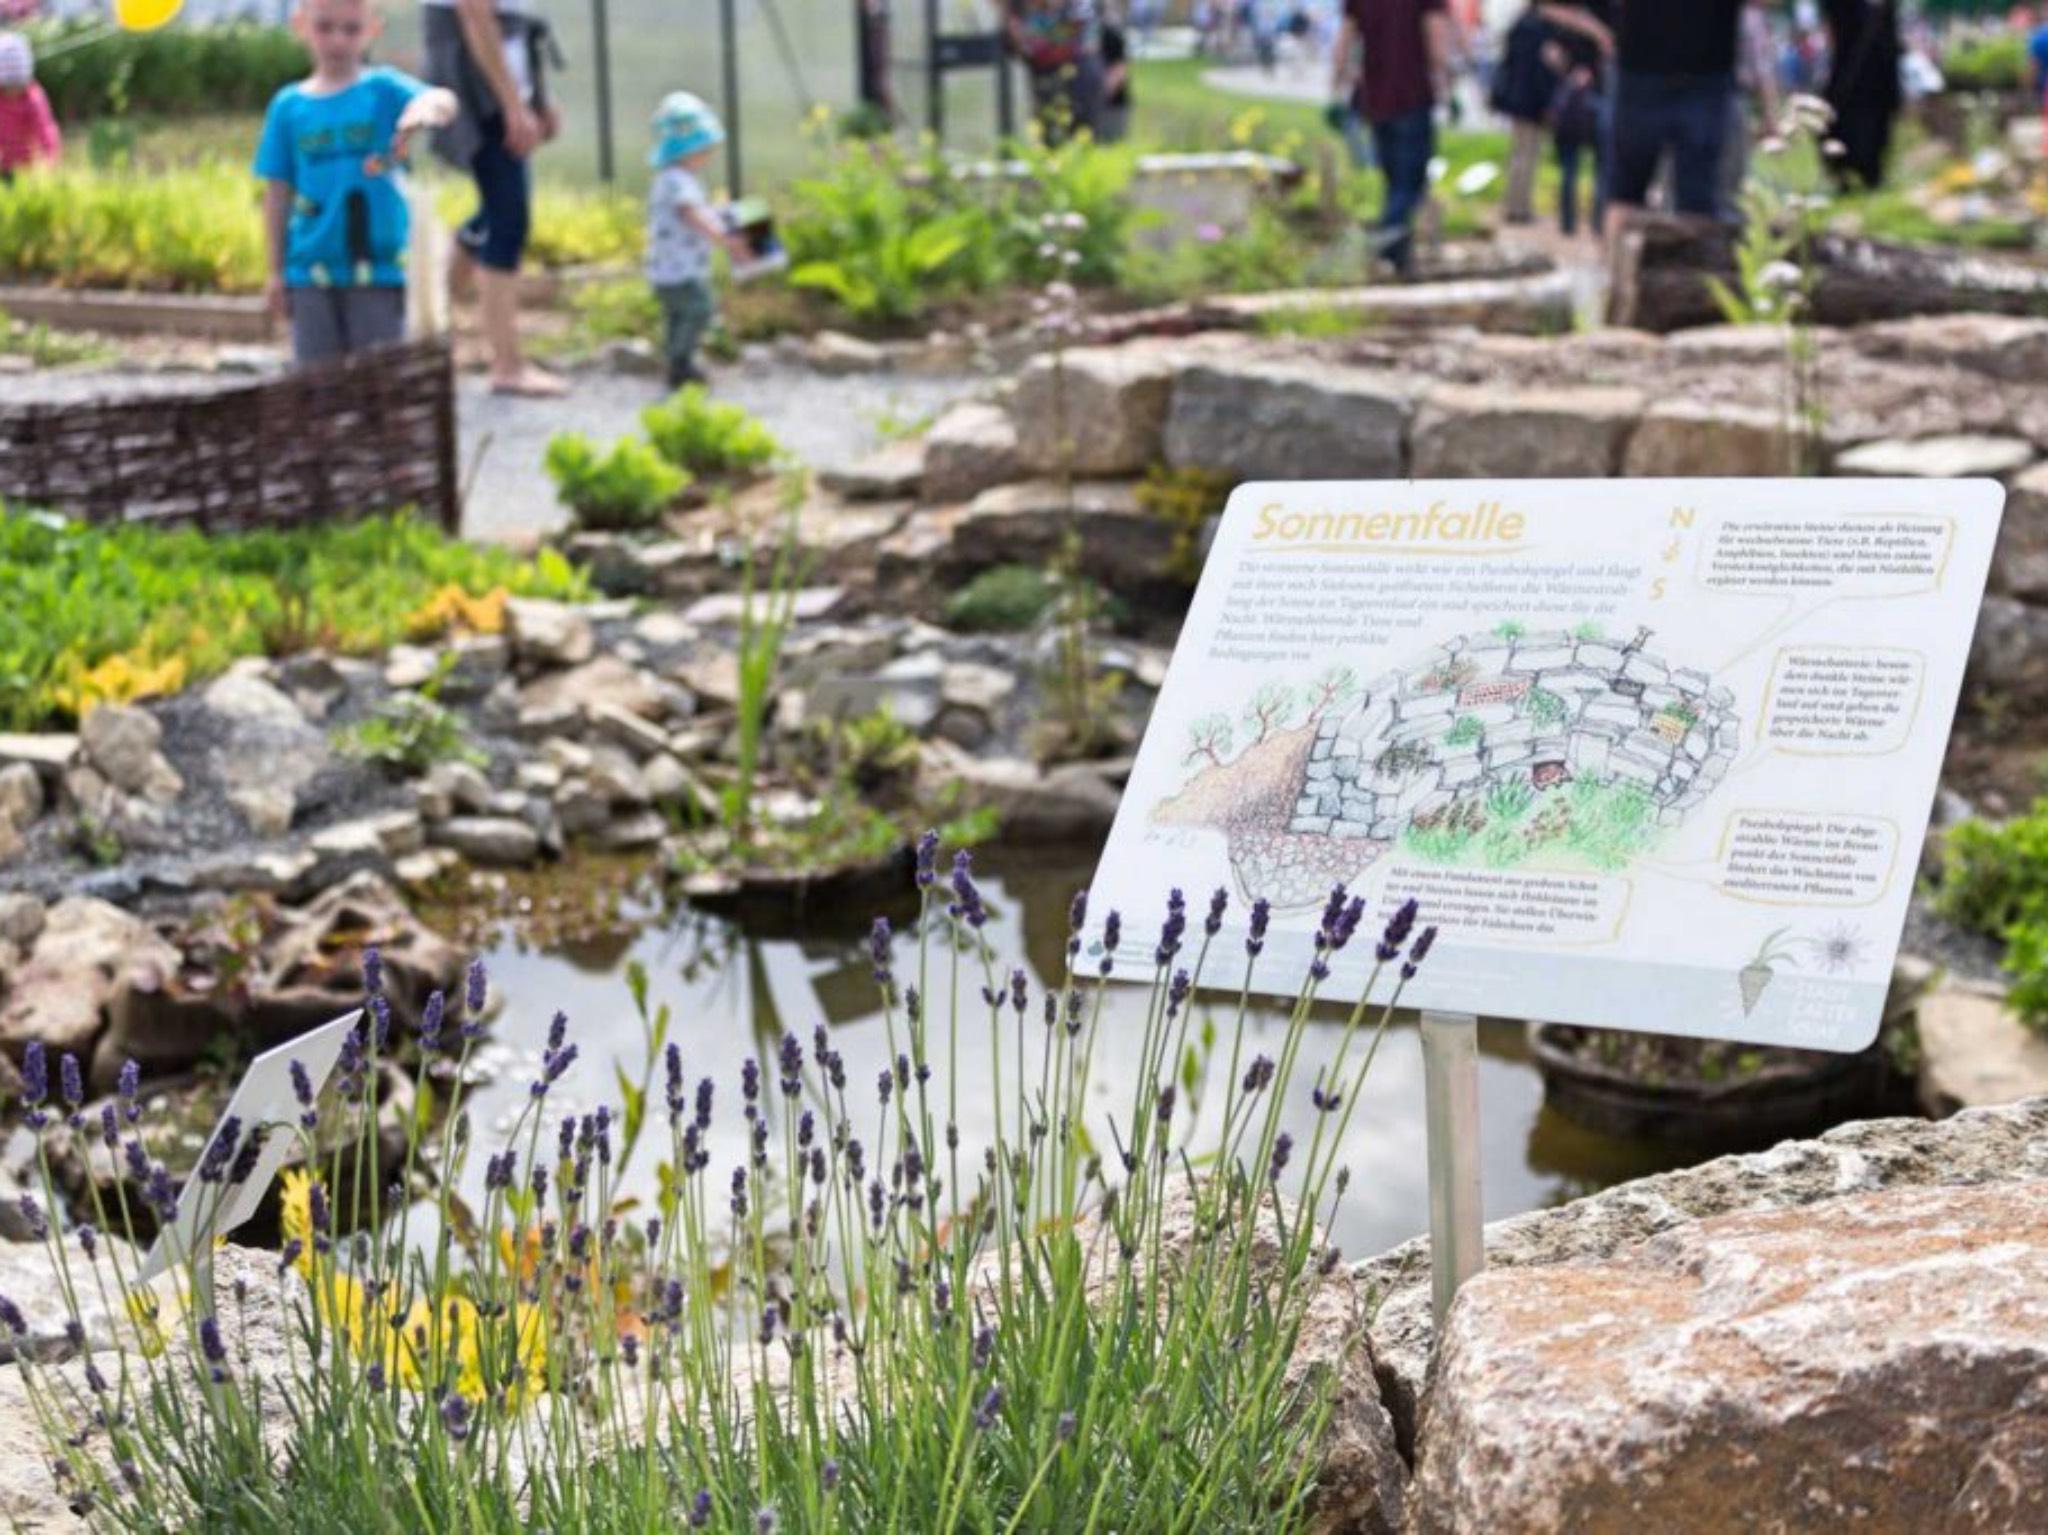 Teil des Gartenprojekts der Stadtgärtner. Foto: Silvia Appel